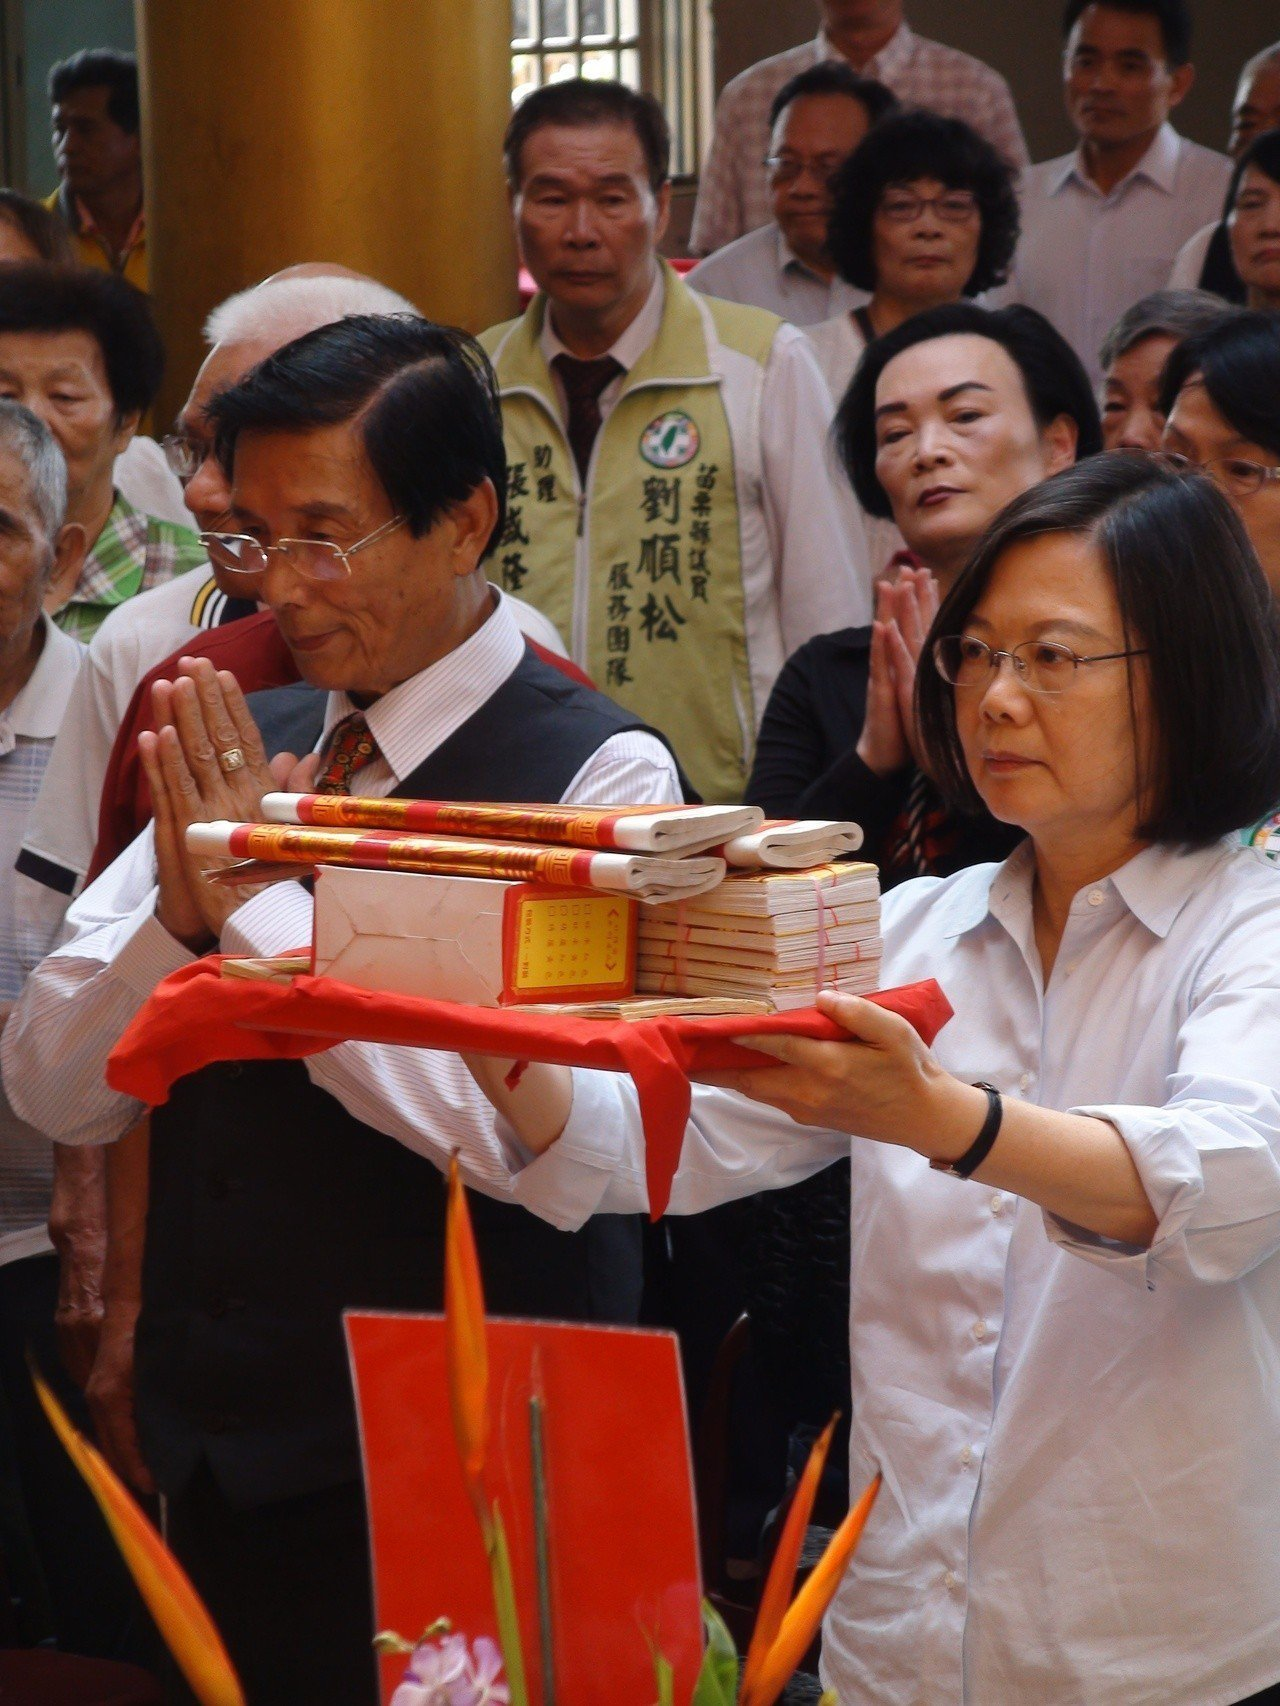 總統蔡英文今天下午在苗栗縣竹南鎮「鎮安宮」參拜。記者胡蓬生/攝影